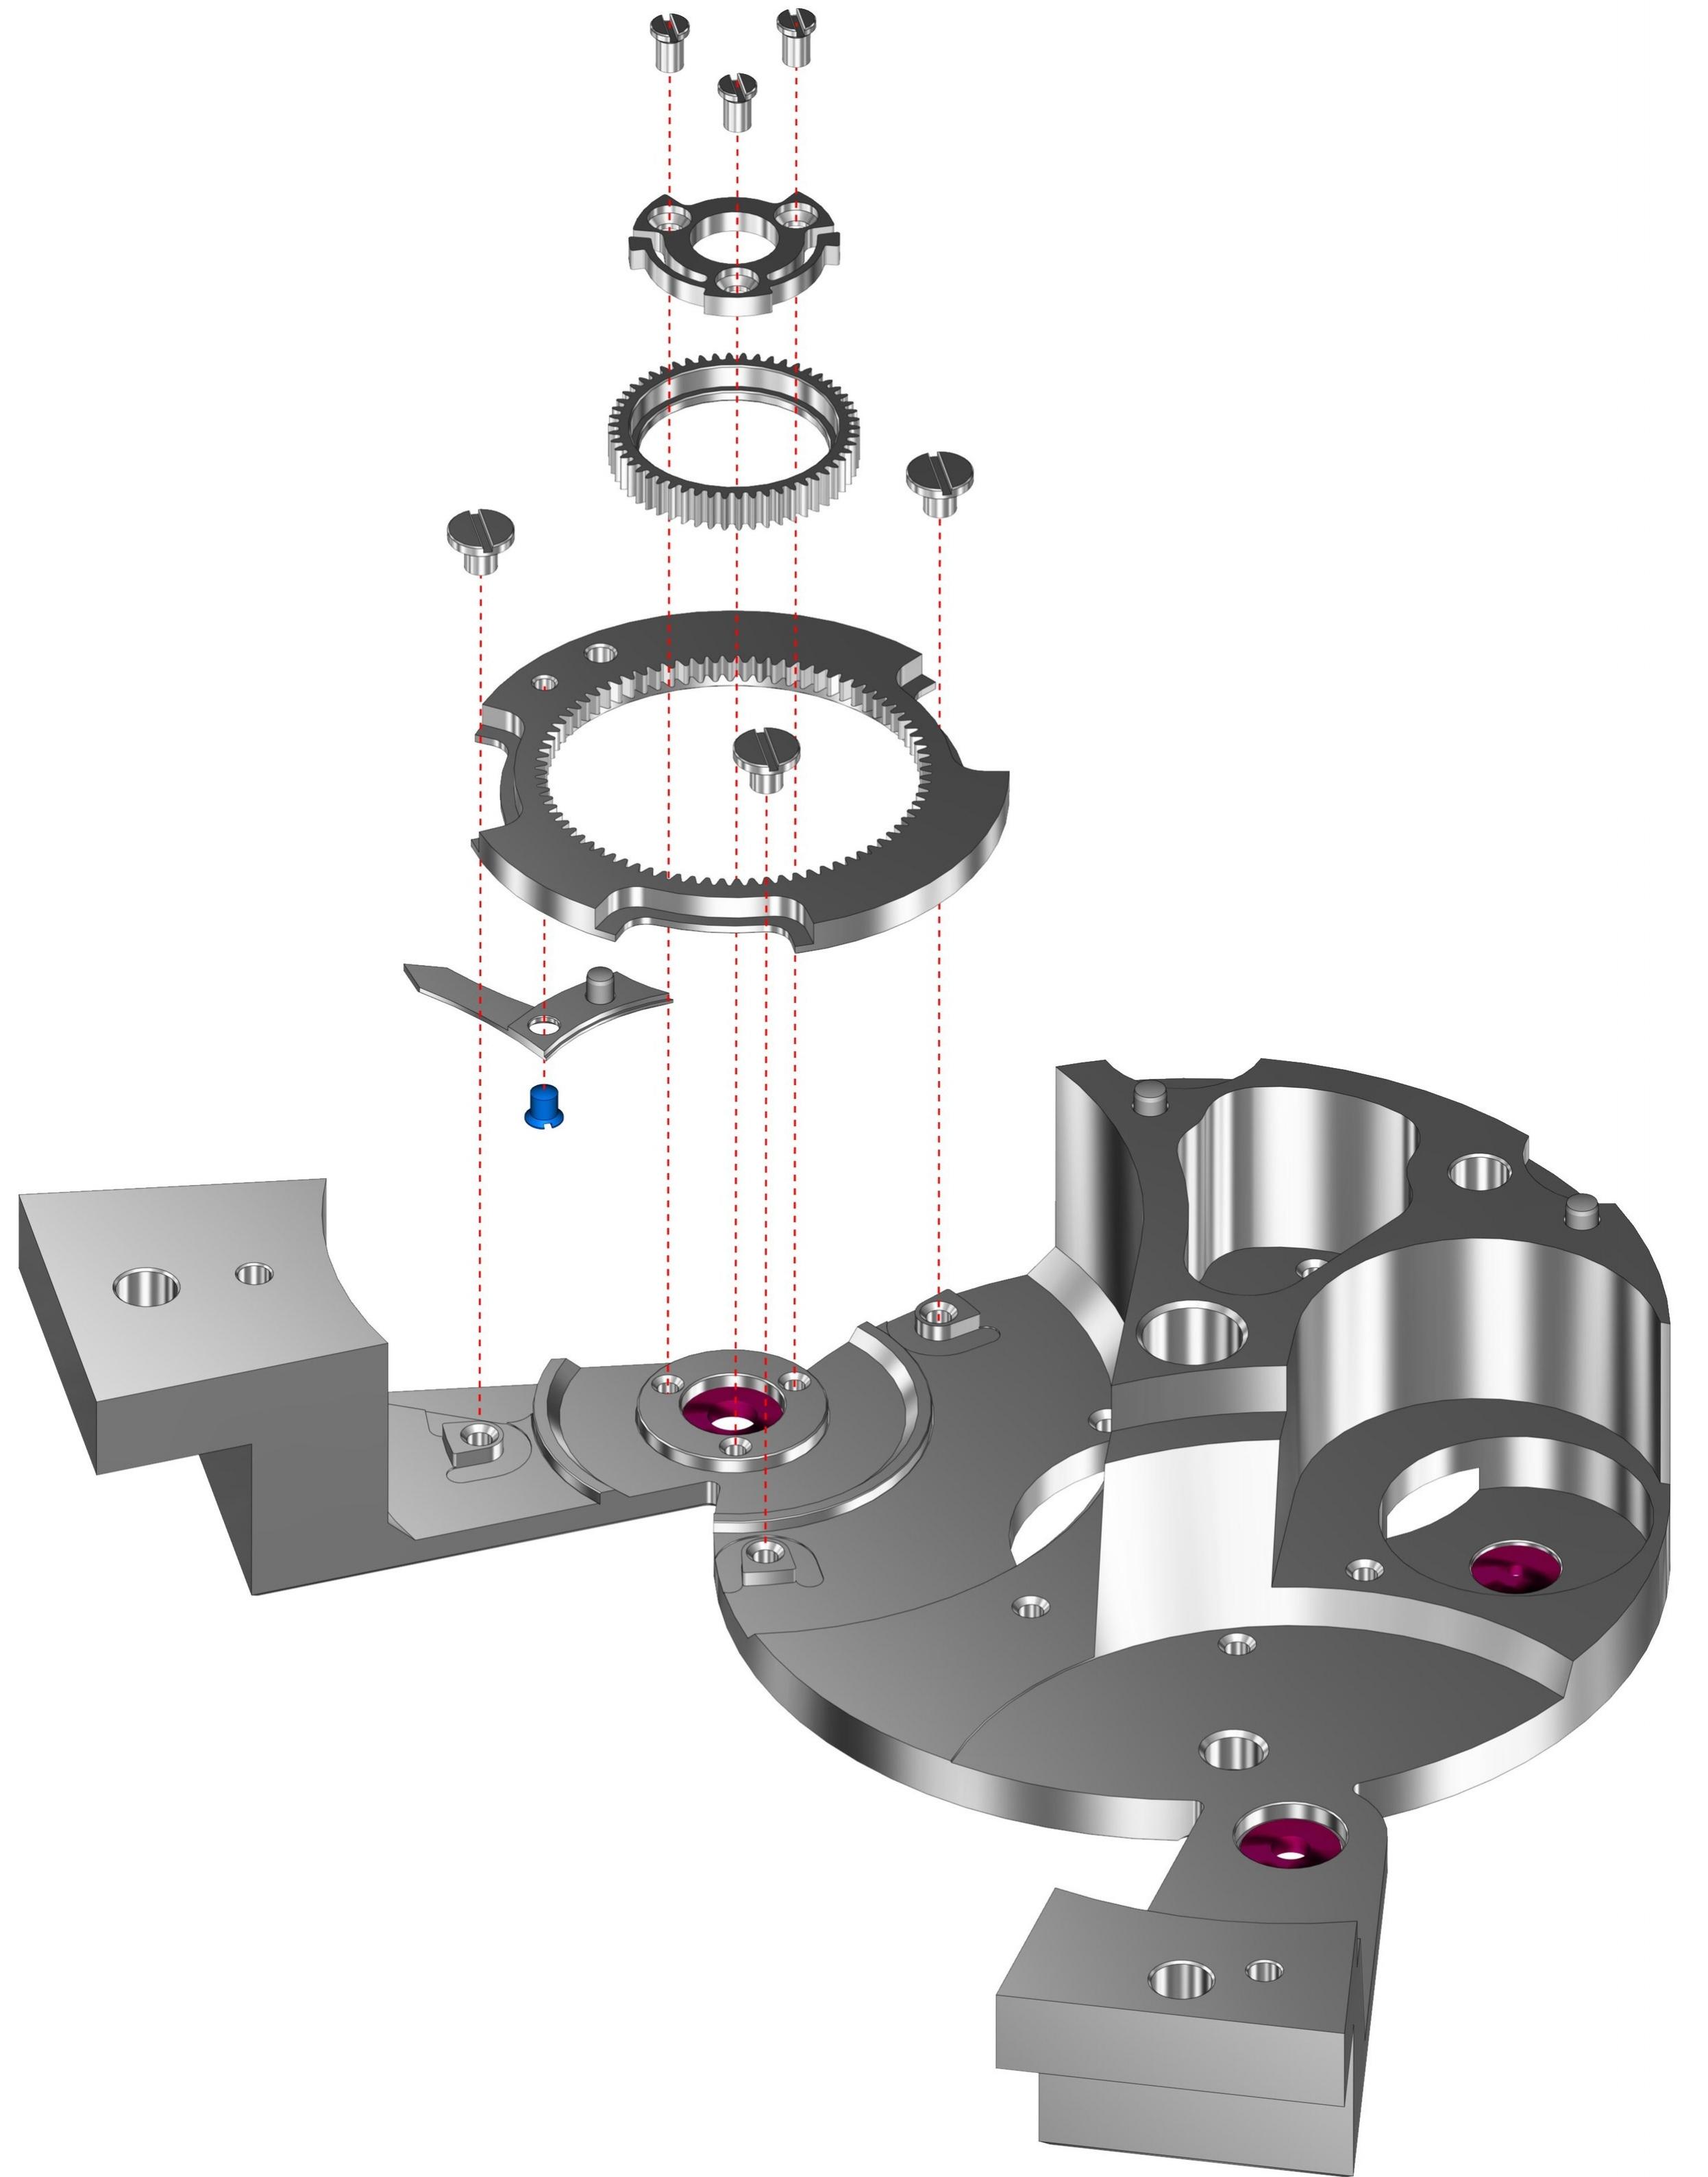 Breguet plans 7947_LR_1.jpg